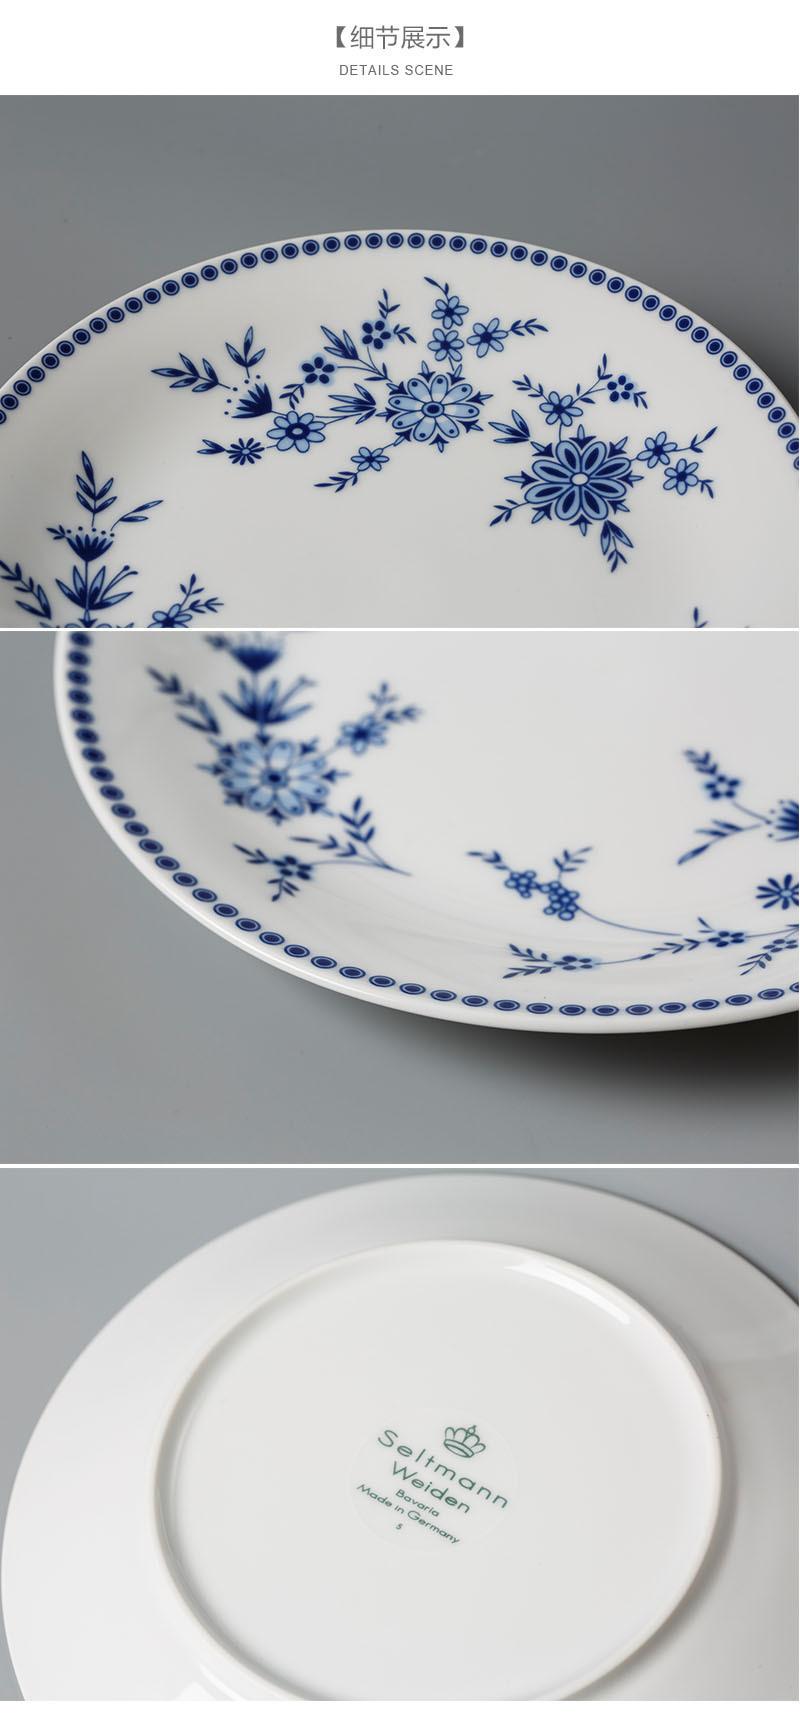 Seltmann Weiden青花陶瓷早餐盘细节展示